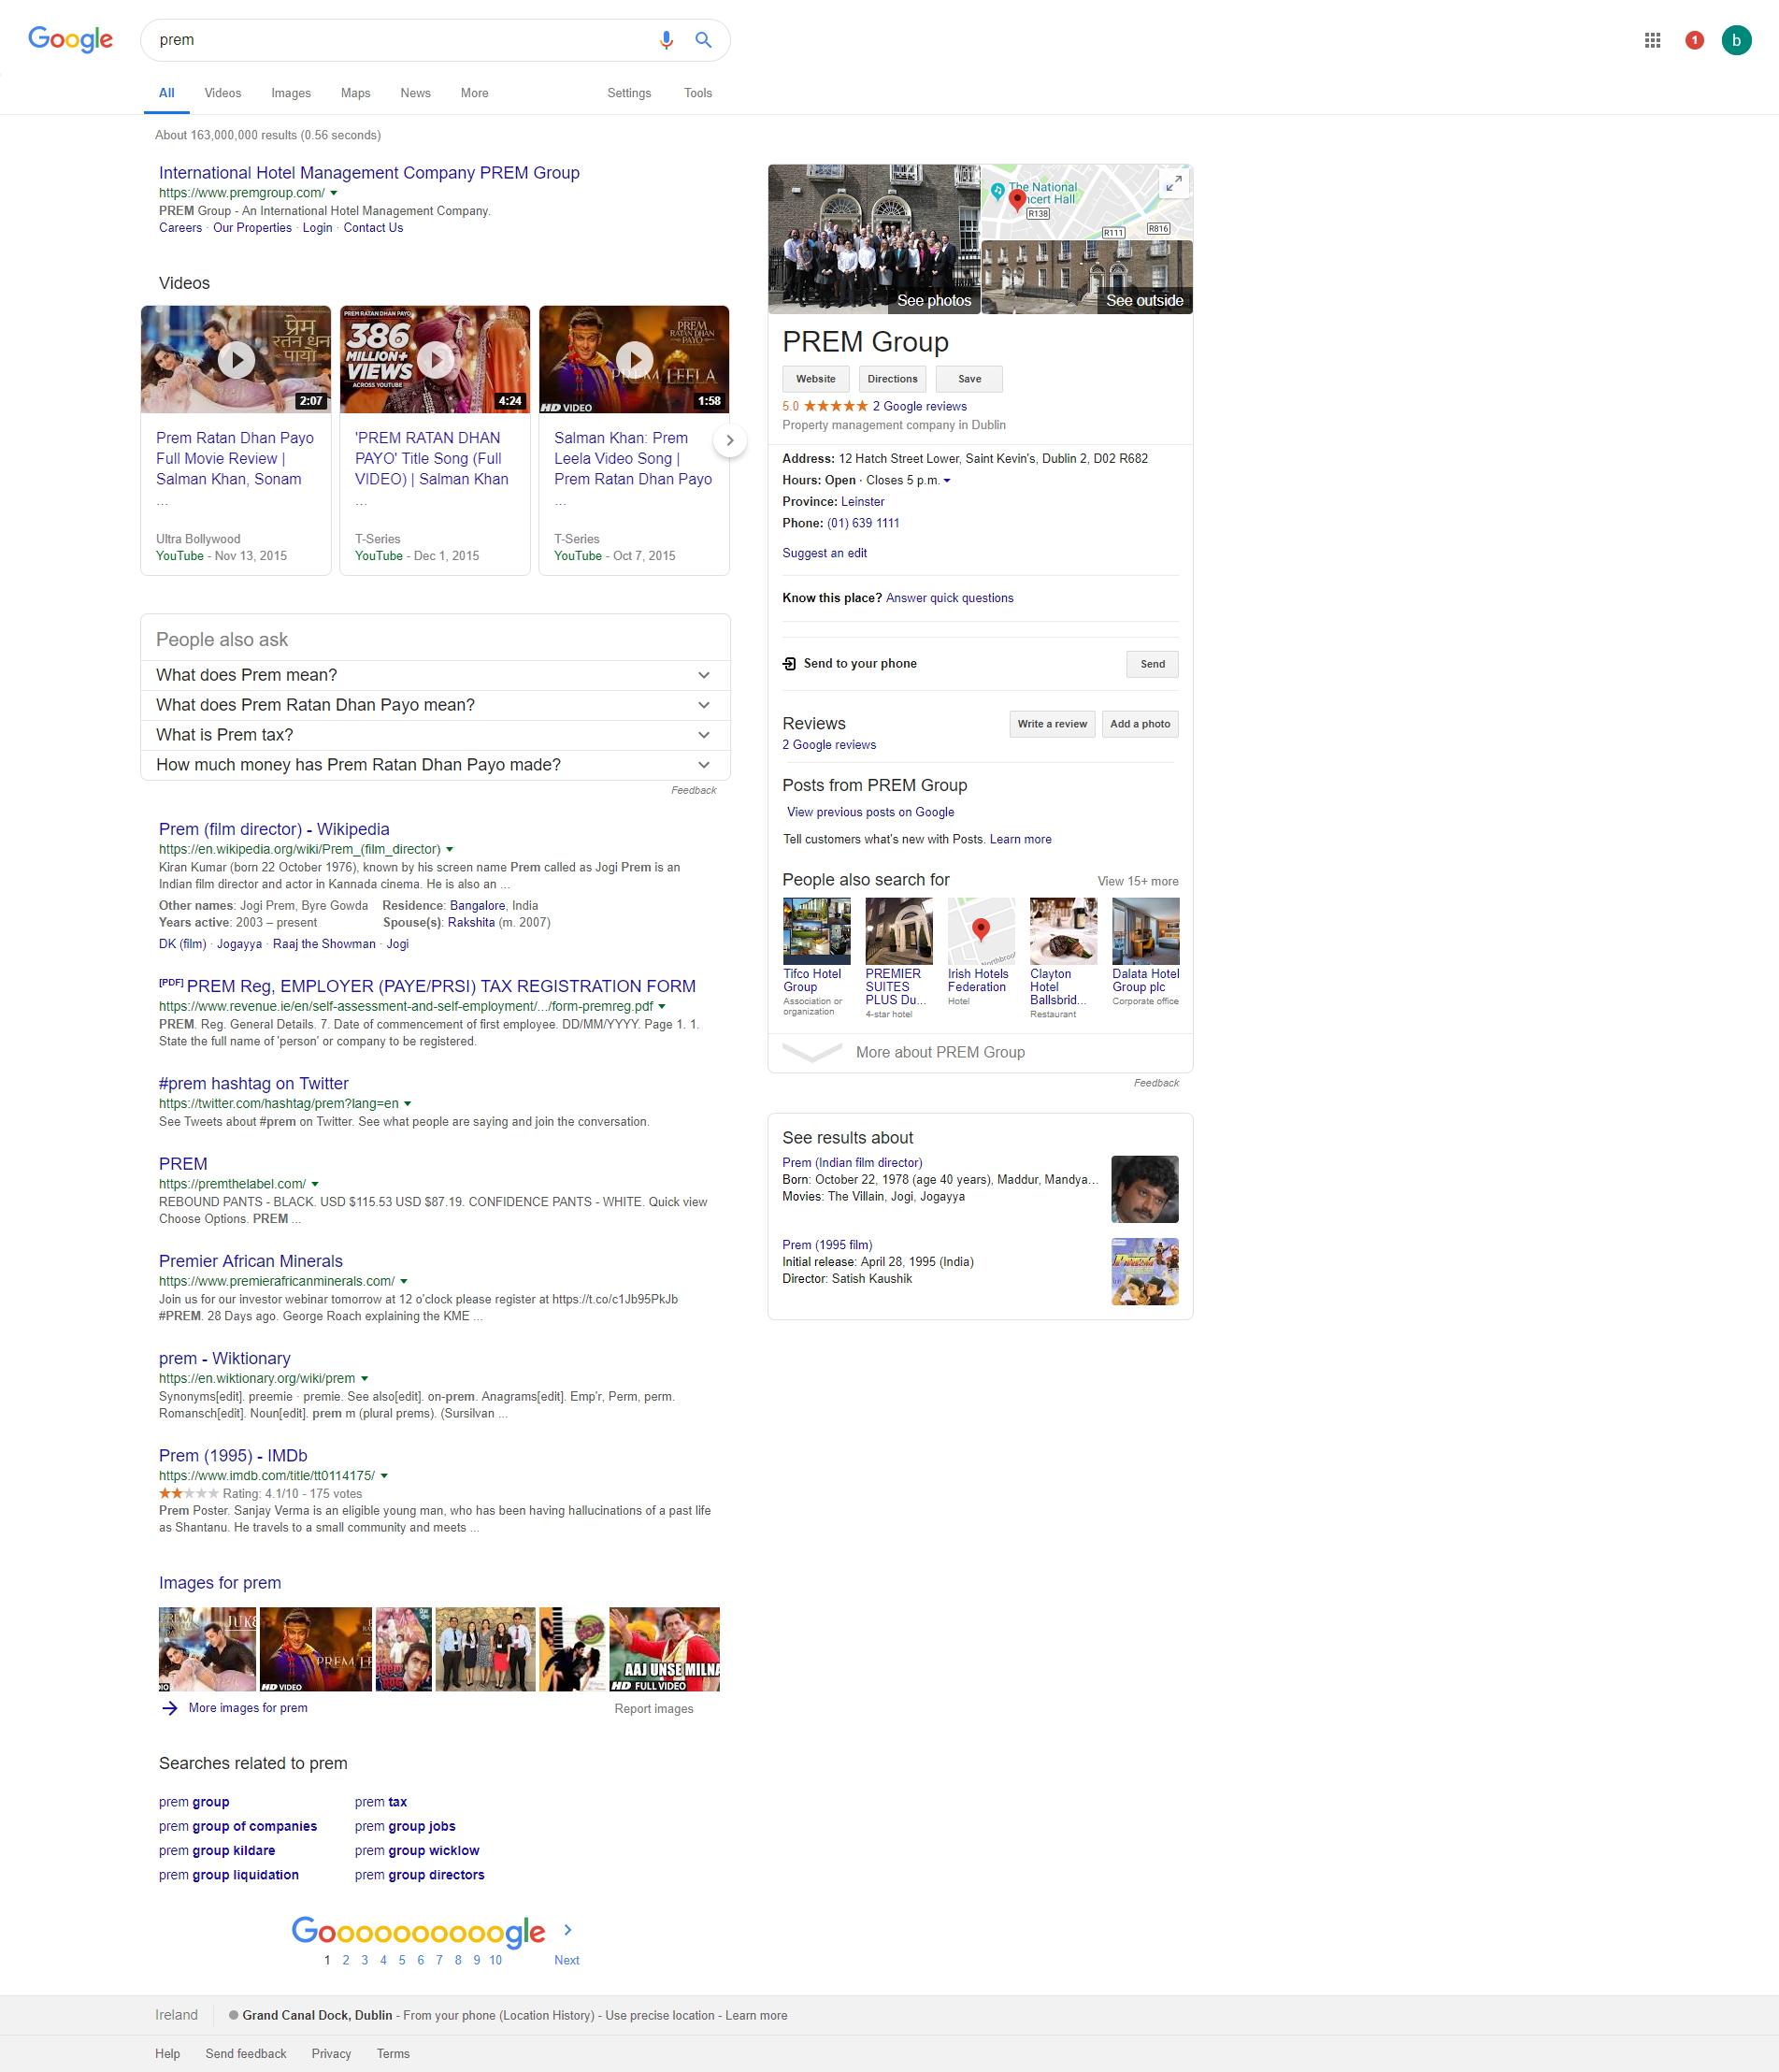 PREM Google Search